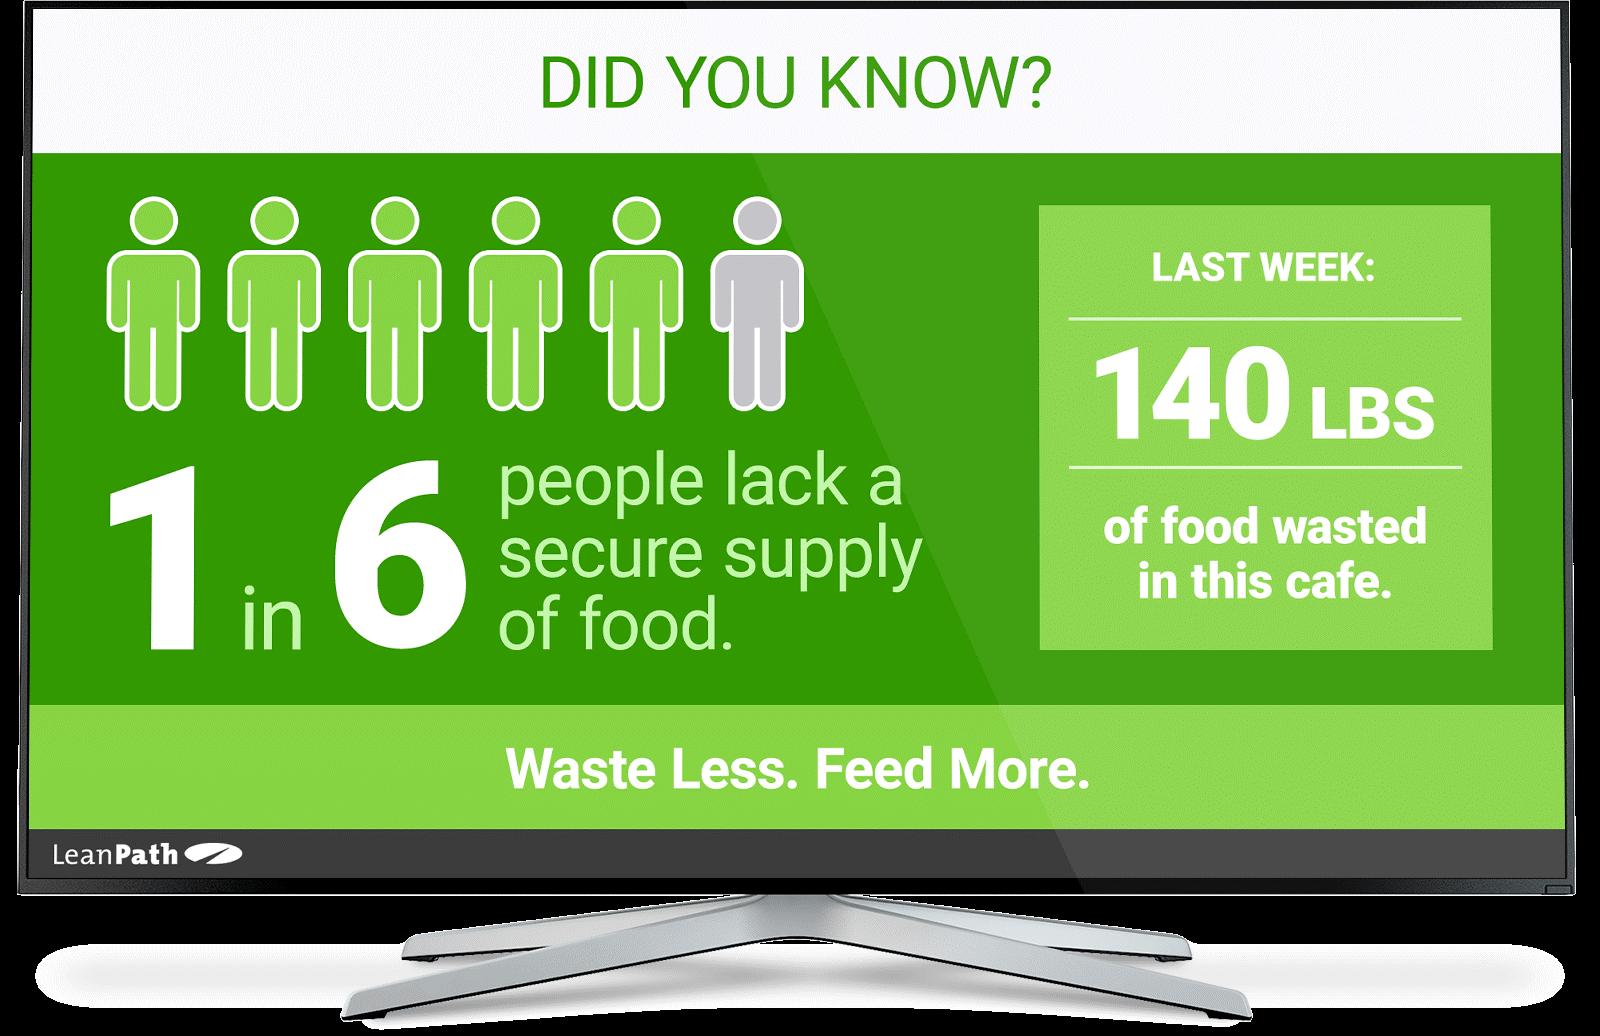 LeanPath Spark - Food Waste Digital Signage